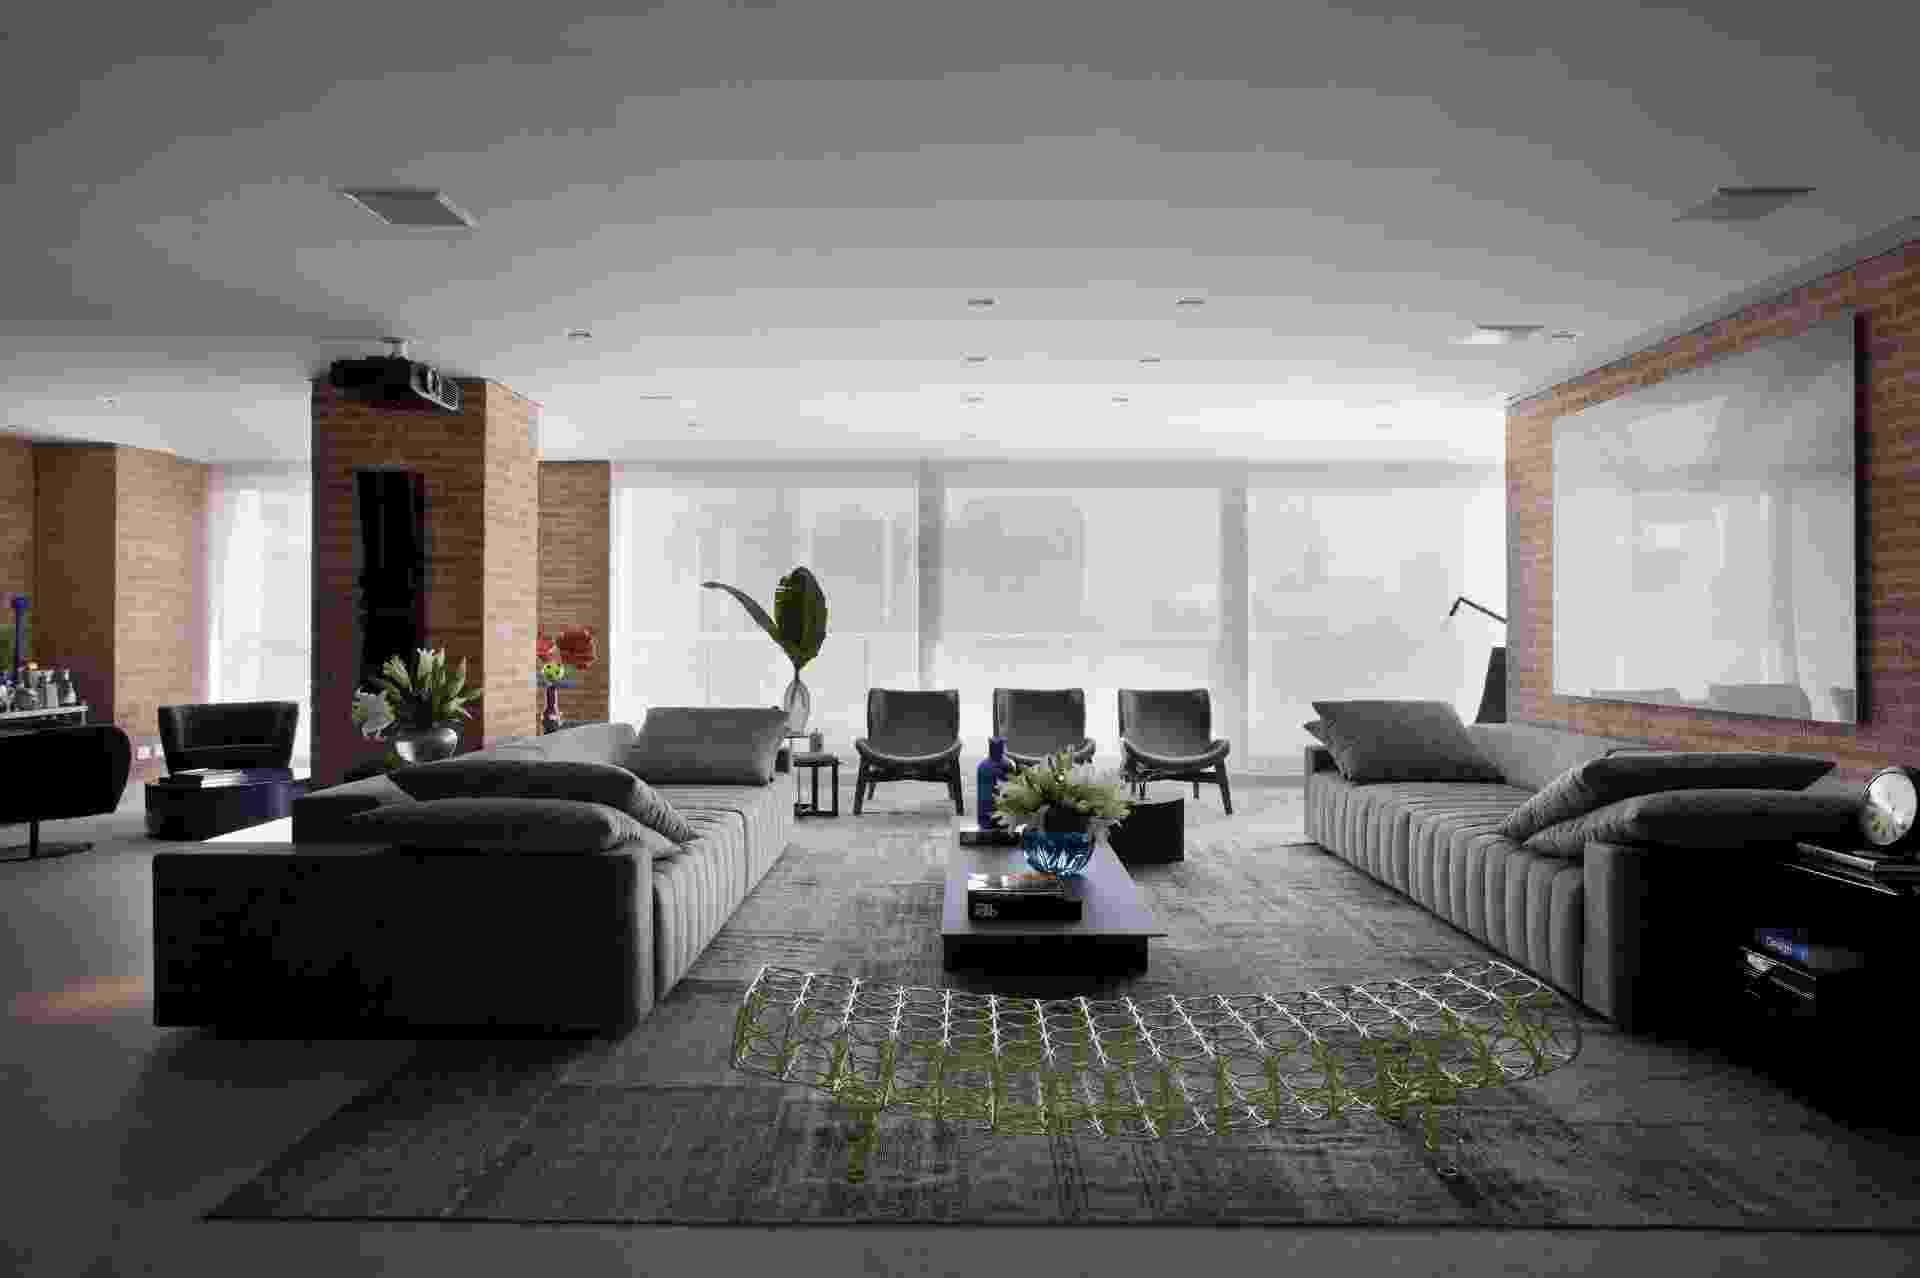 Apartamento adaptado - Marco Antonio/ Divulgação